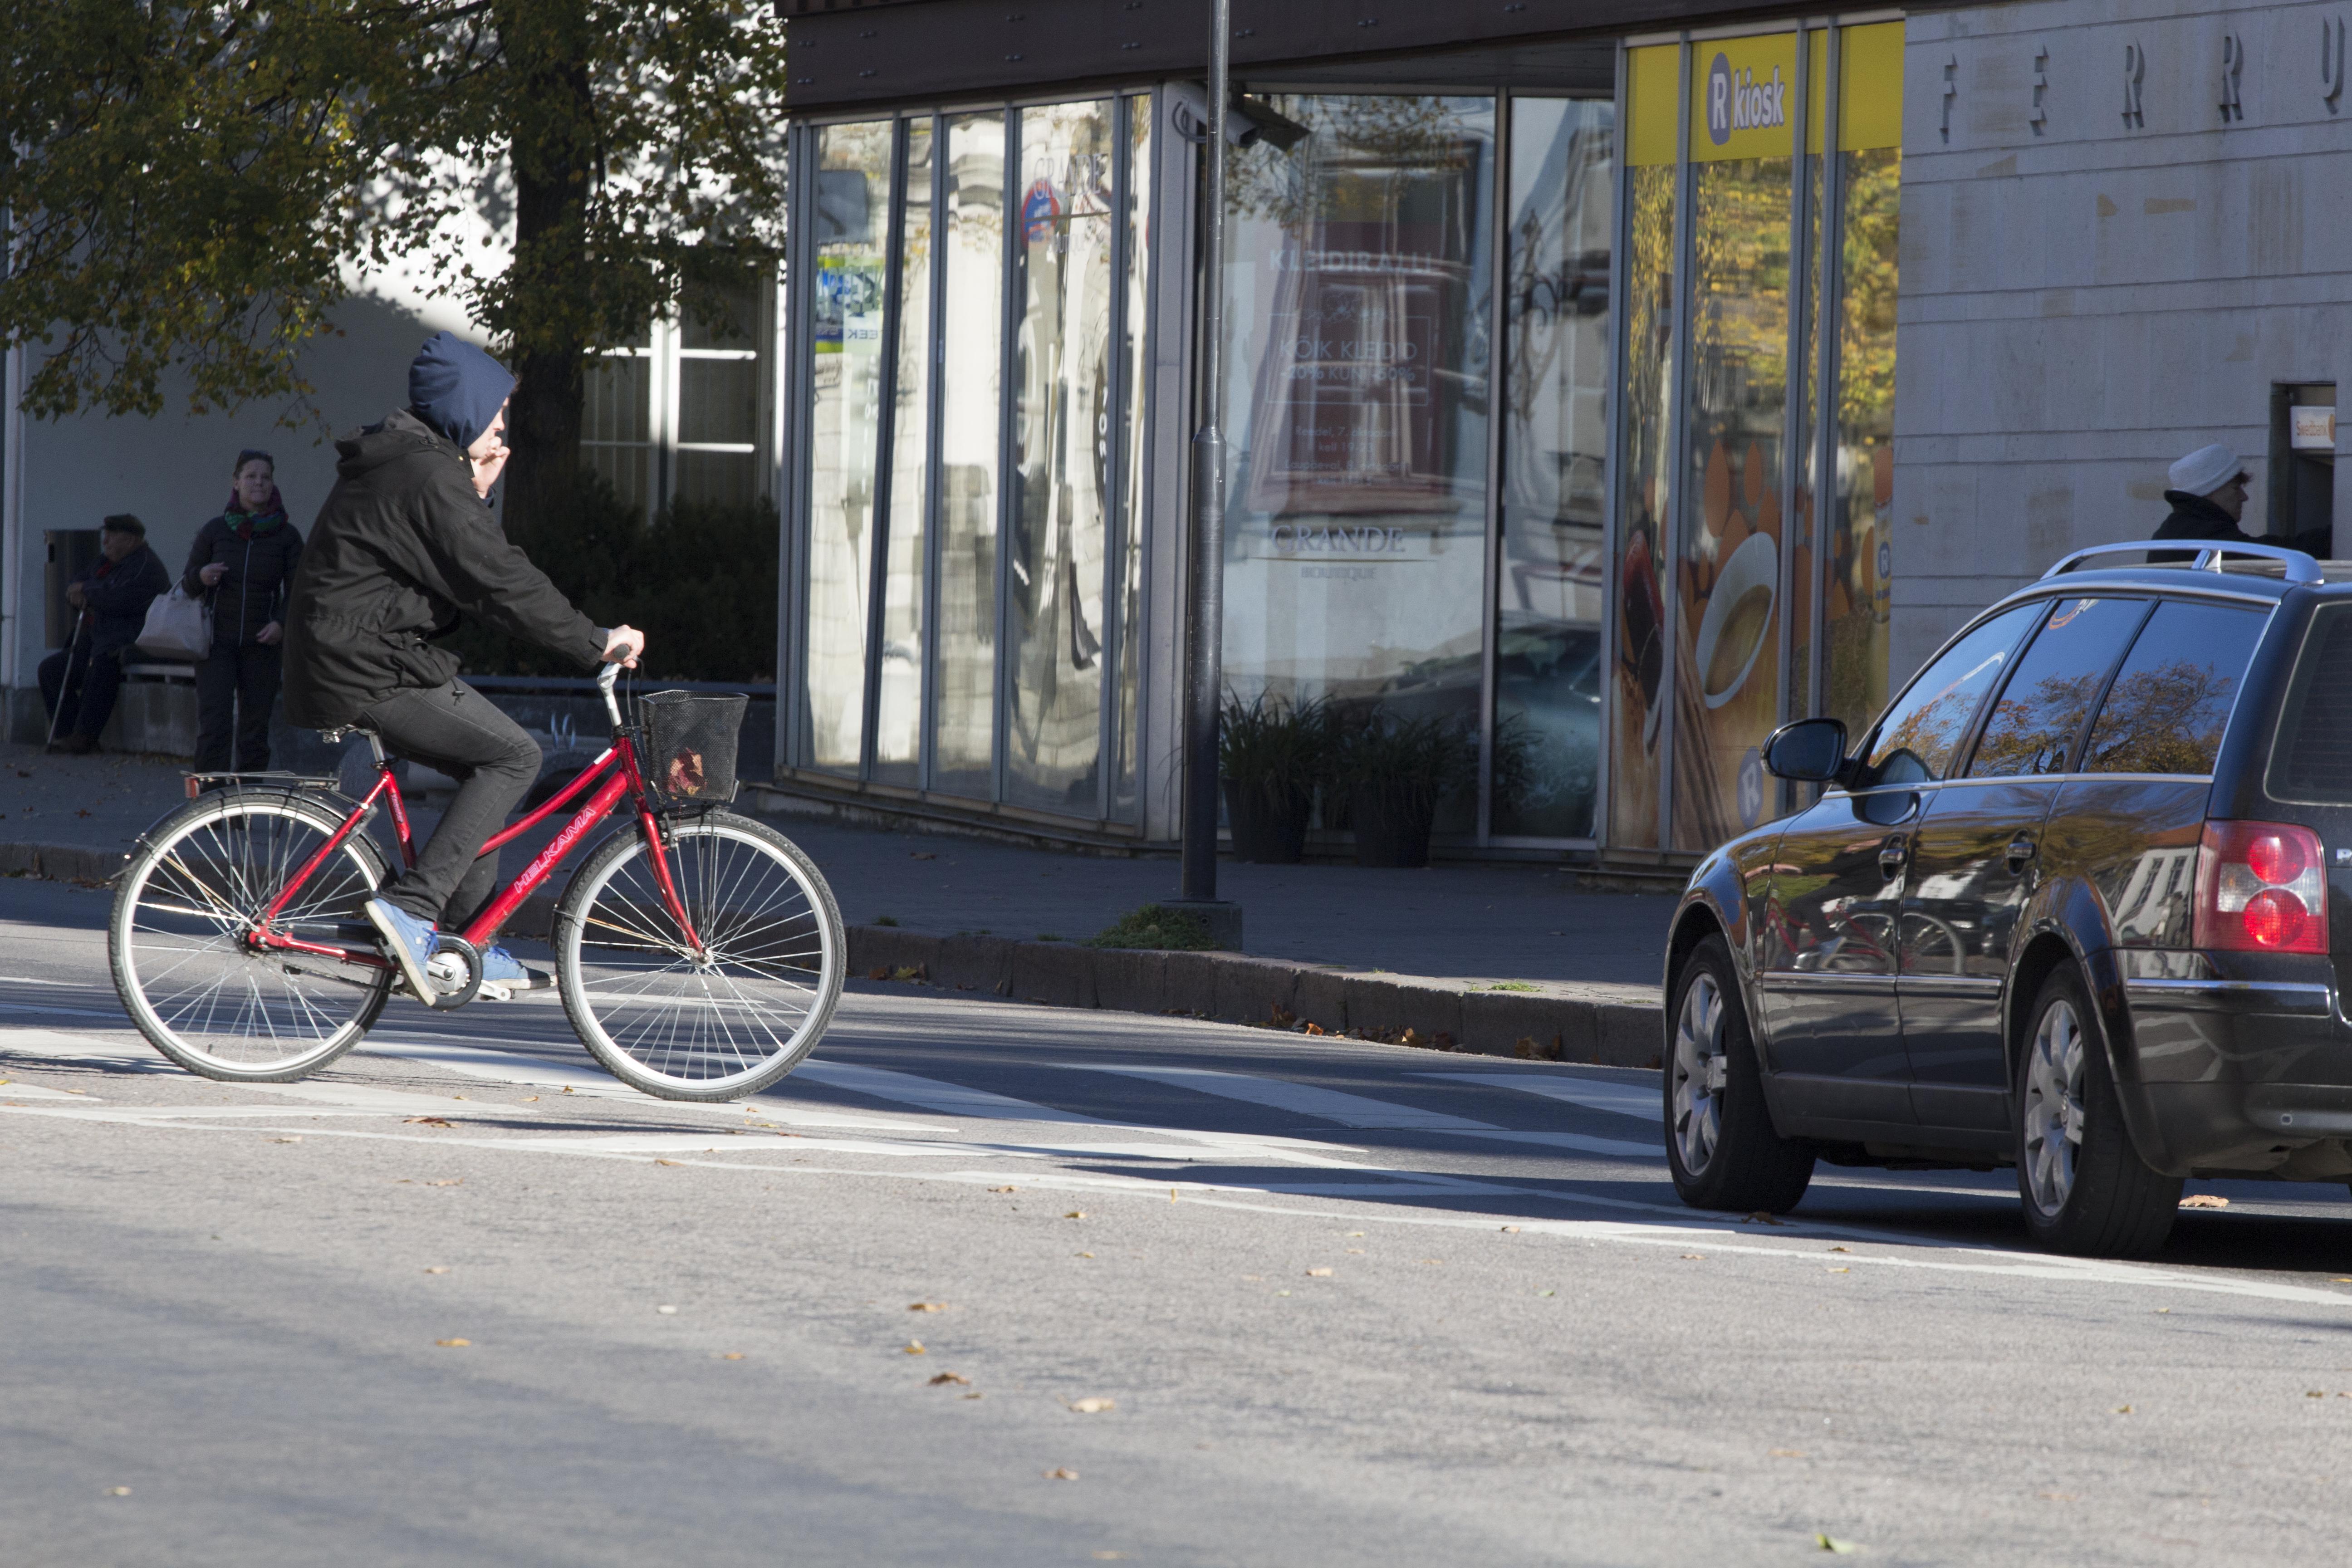 Aina tihedamaks muutuvas liikluses ei jõua inimeste liiklusteadmised pahatihti ajale järele.  Inimese elus tuleb liiklusreeeglite õppimisega kokku puutuda päris mitu korda. Alguses on lasteaed, lapsevanemad ja kool. Niivõrd-kuivõrd seda […]